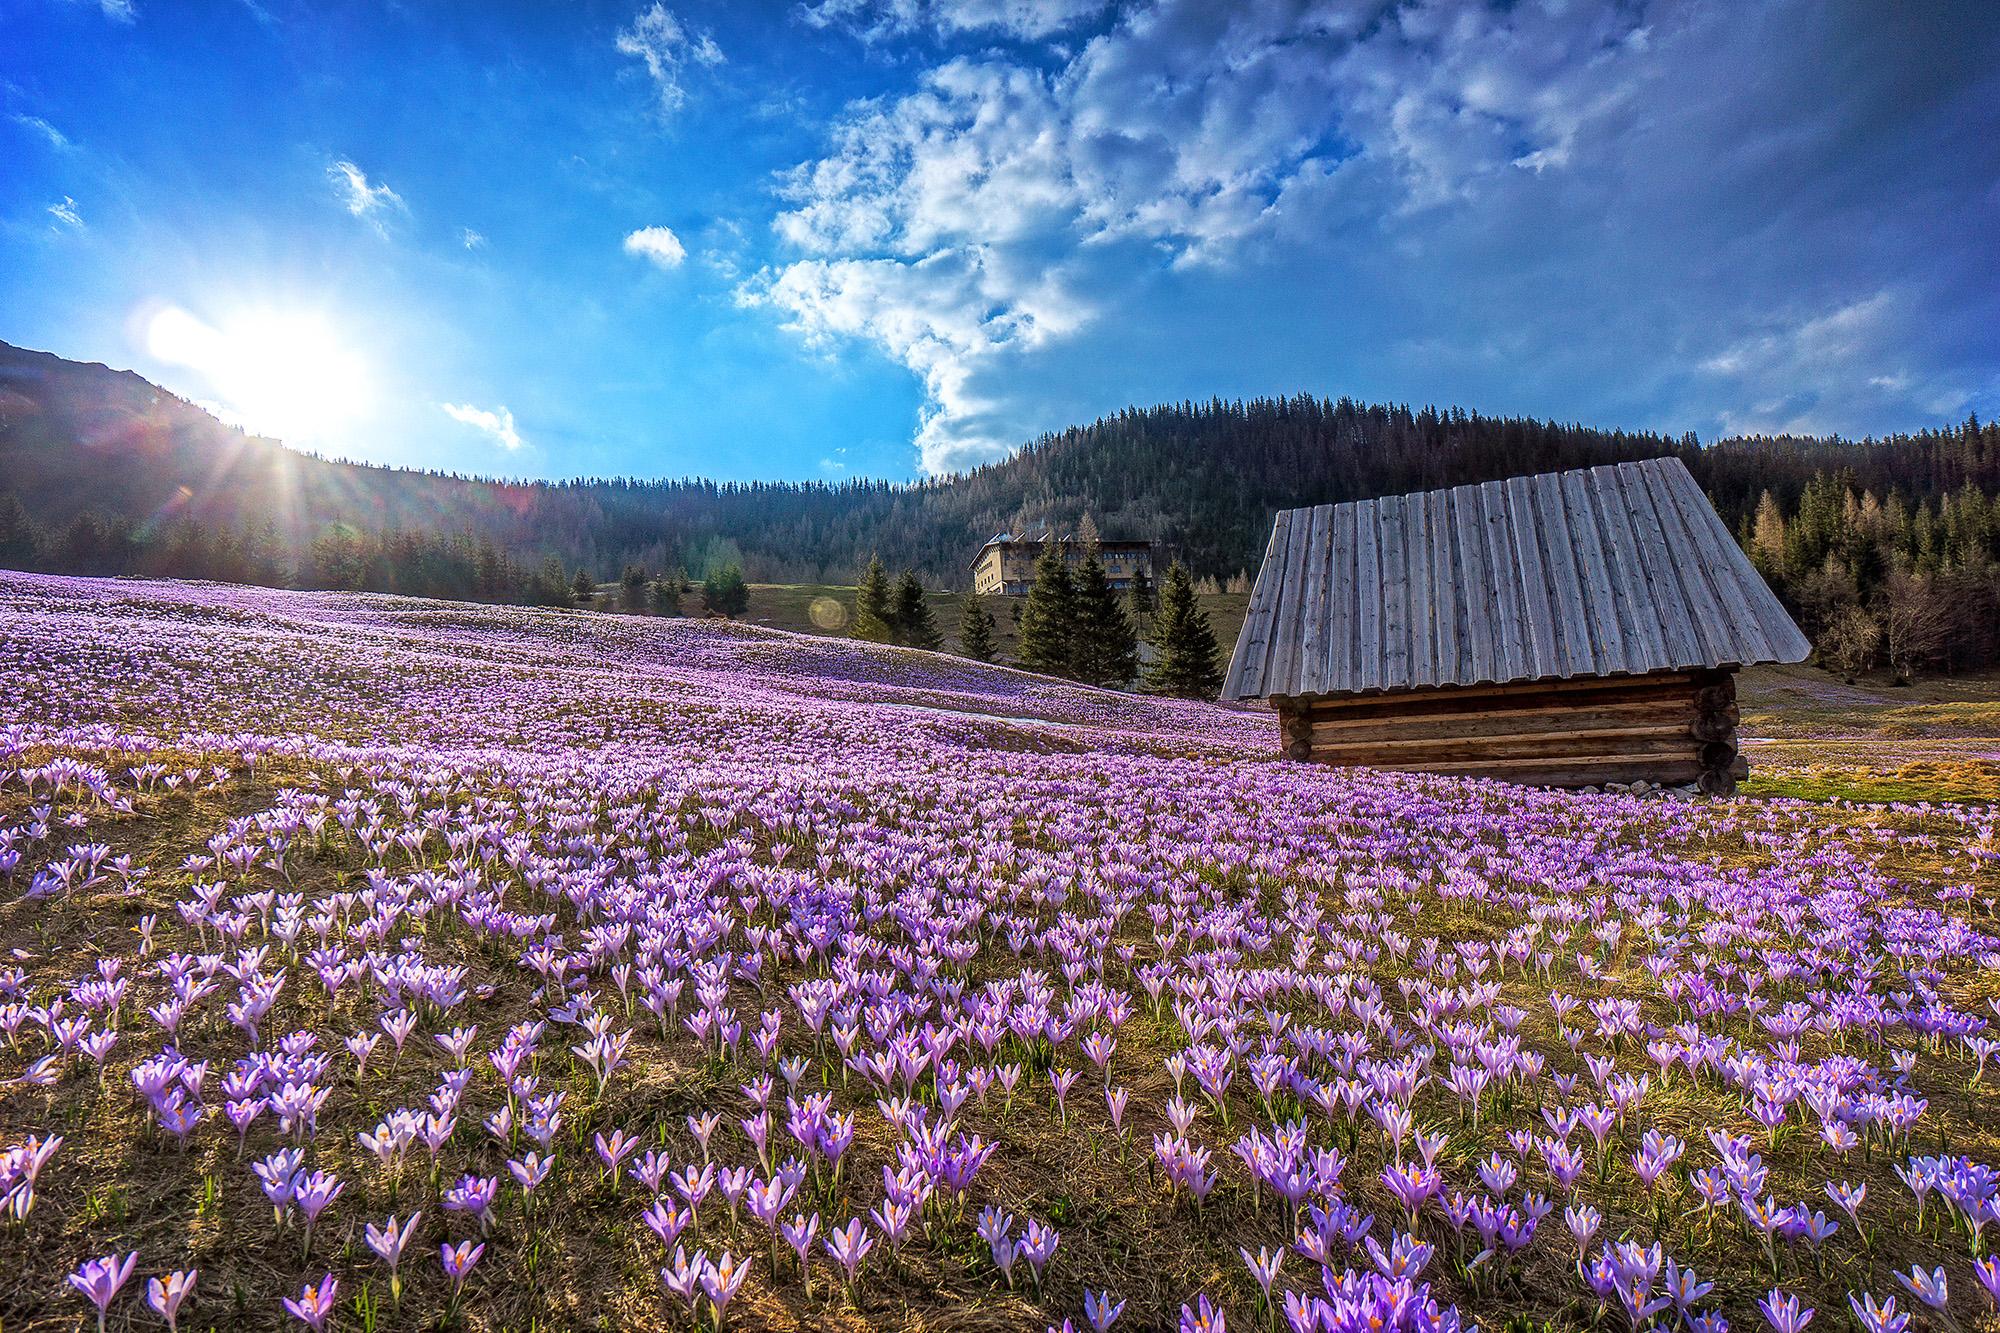 kalatowki, krokusy, wiosna, kwiaty, kasrpwy wierch, zawracik kasprowy, szalas